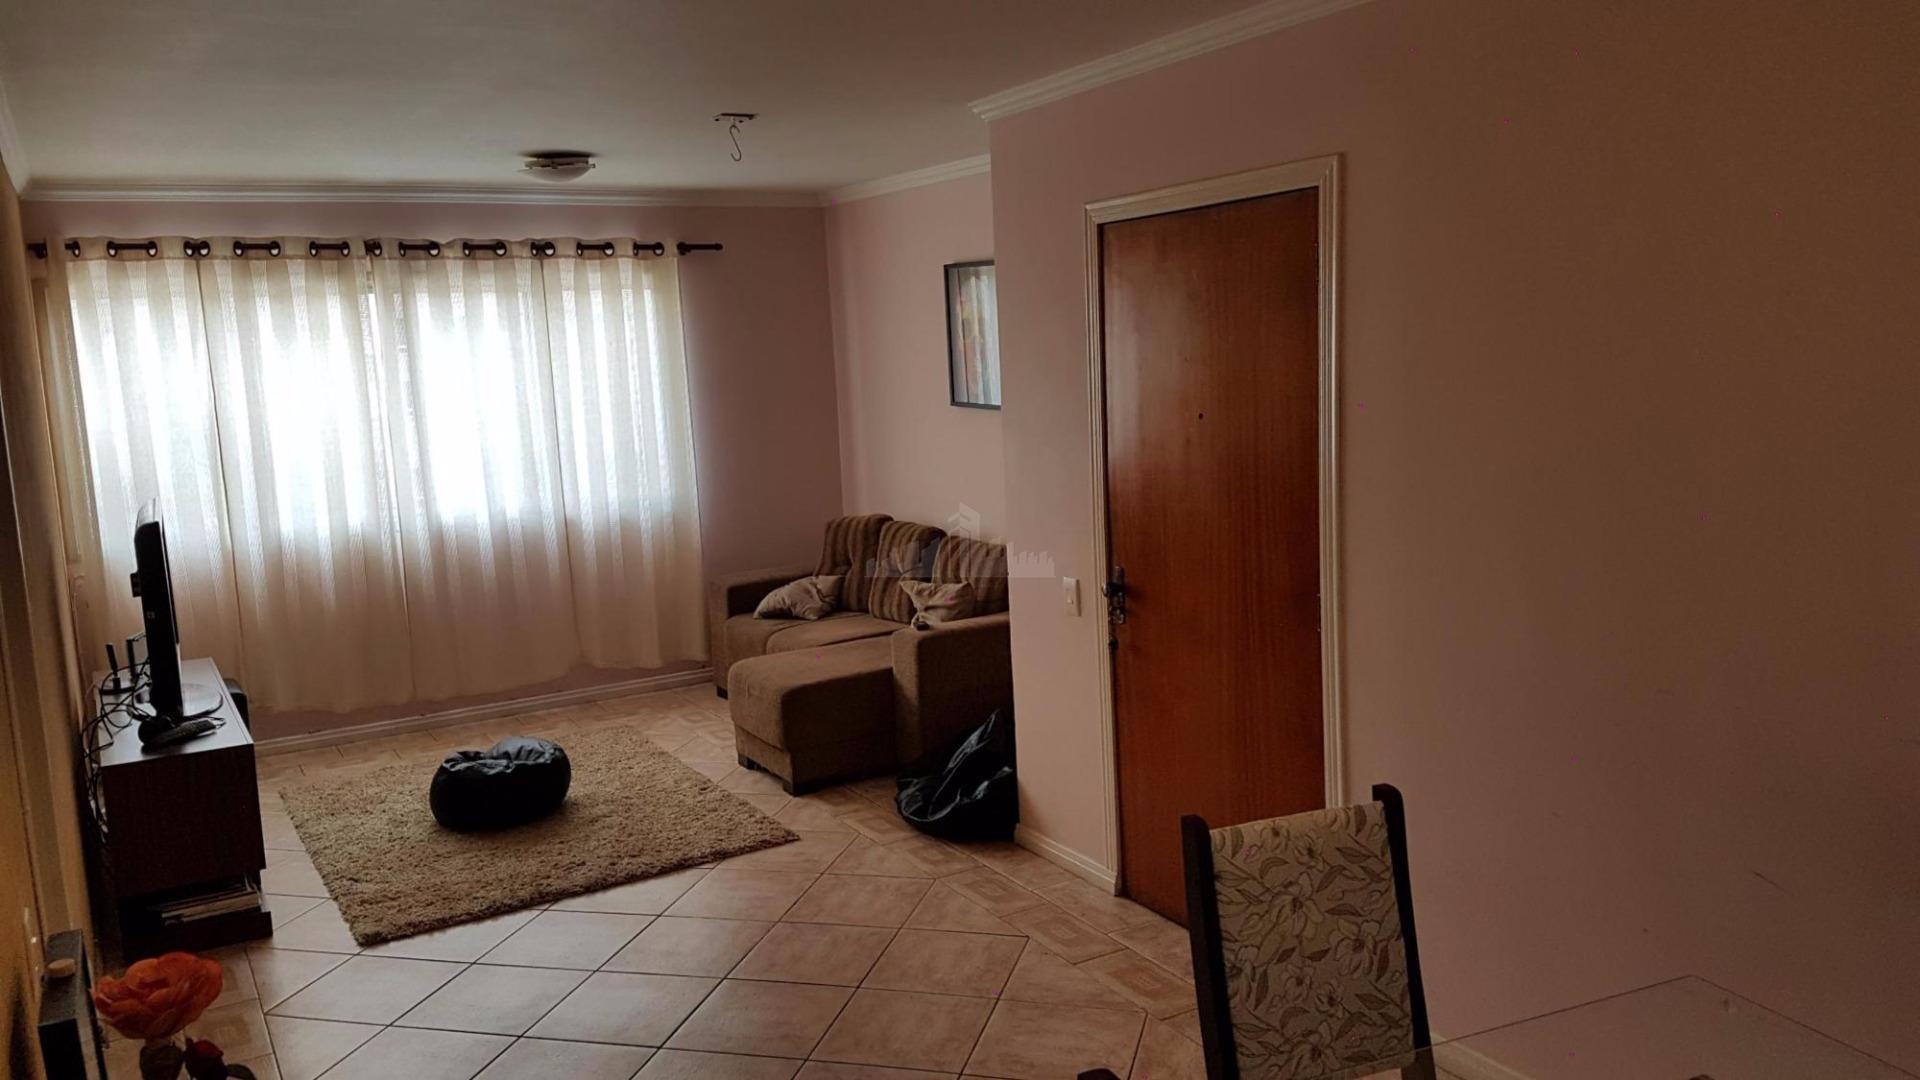 Apartamento de 3 dormitórios , 1 vaga de garagem